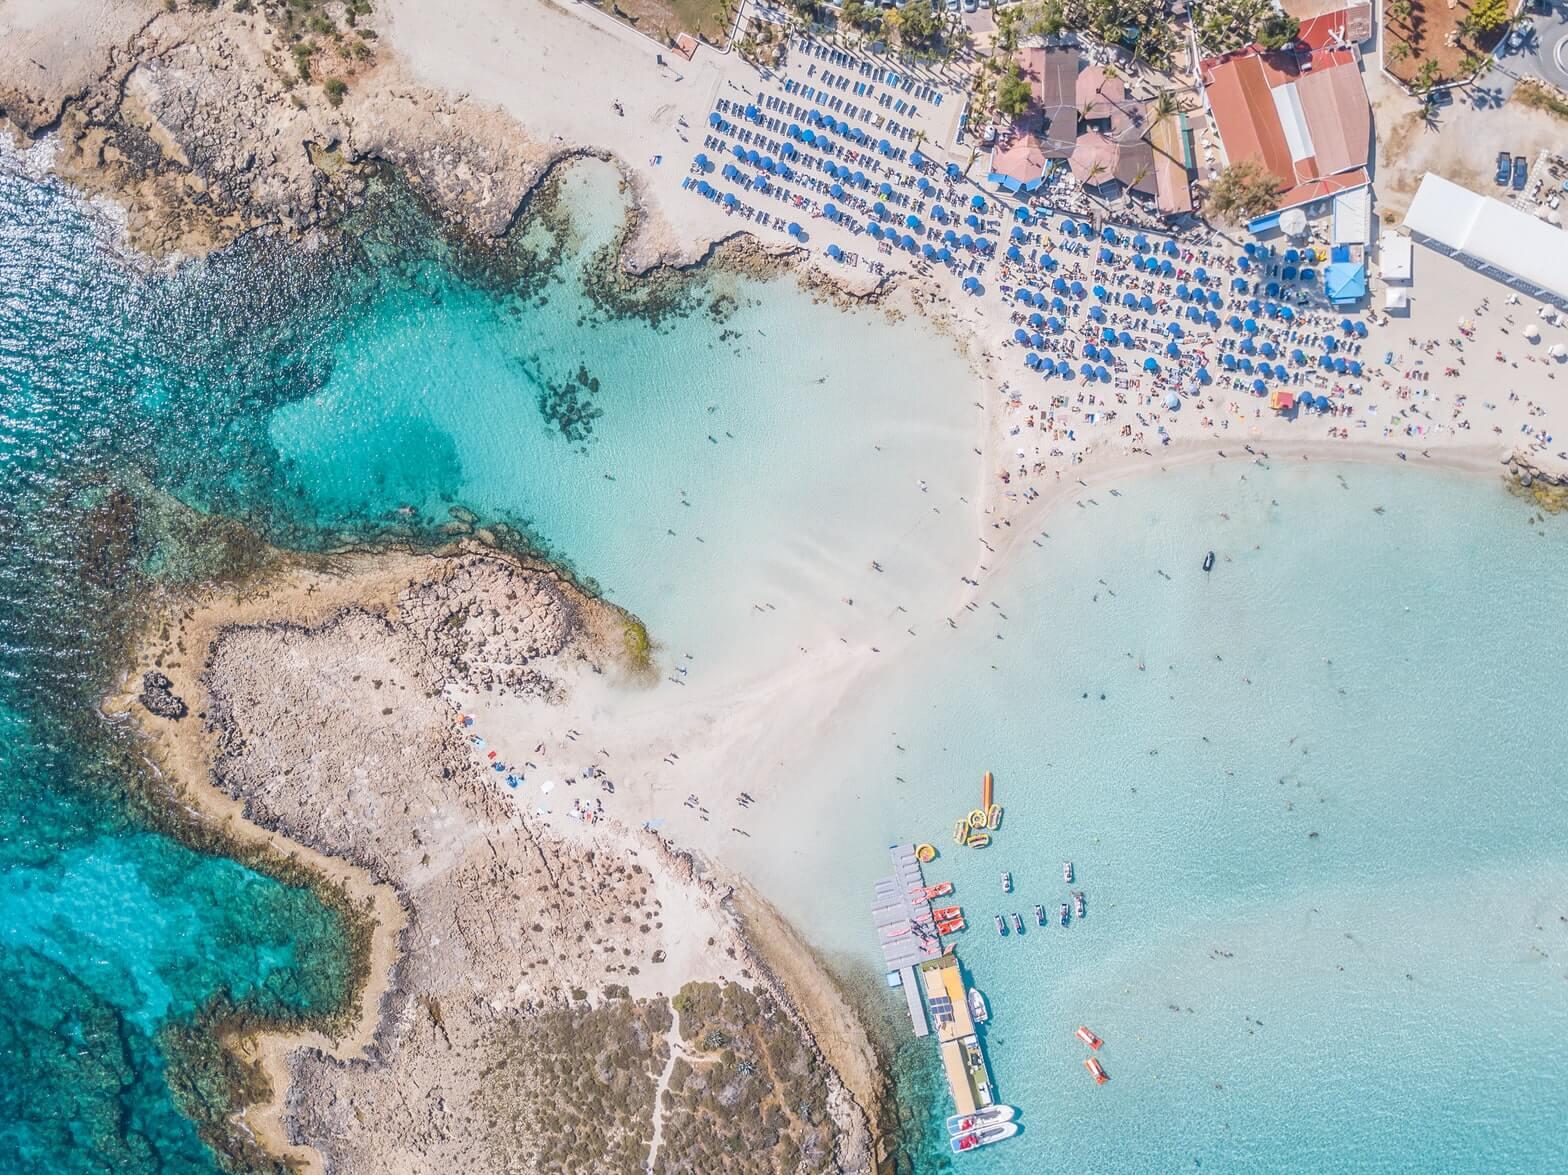 Кипр откроется: когда и на каких условиях?